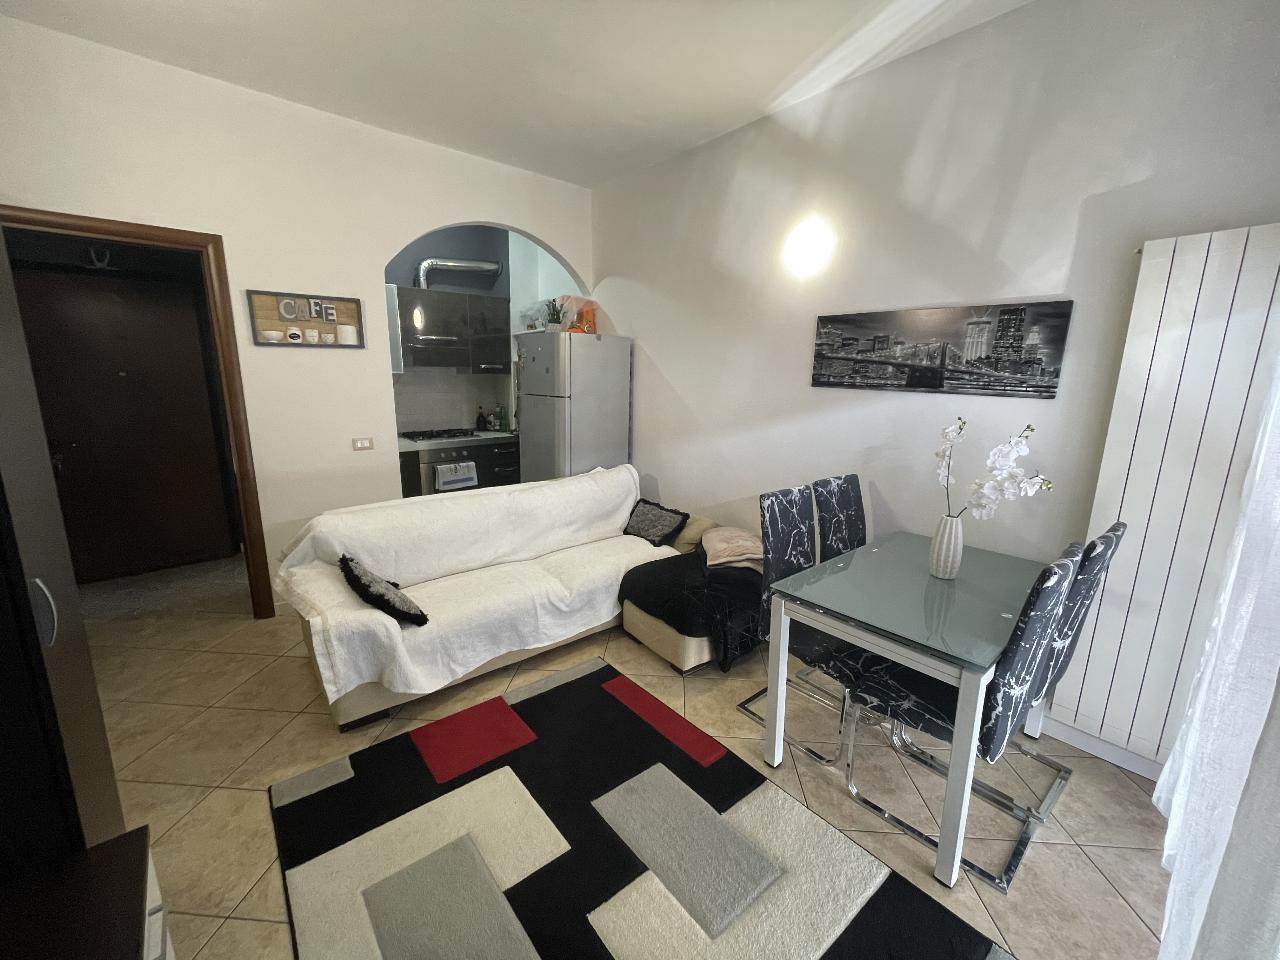 Appartamento CREMONA Euro 69.000,00